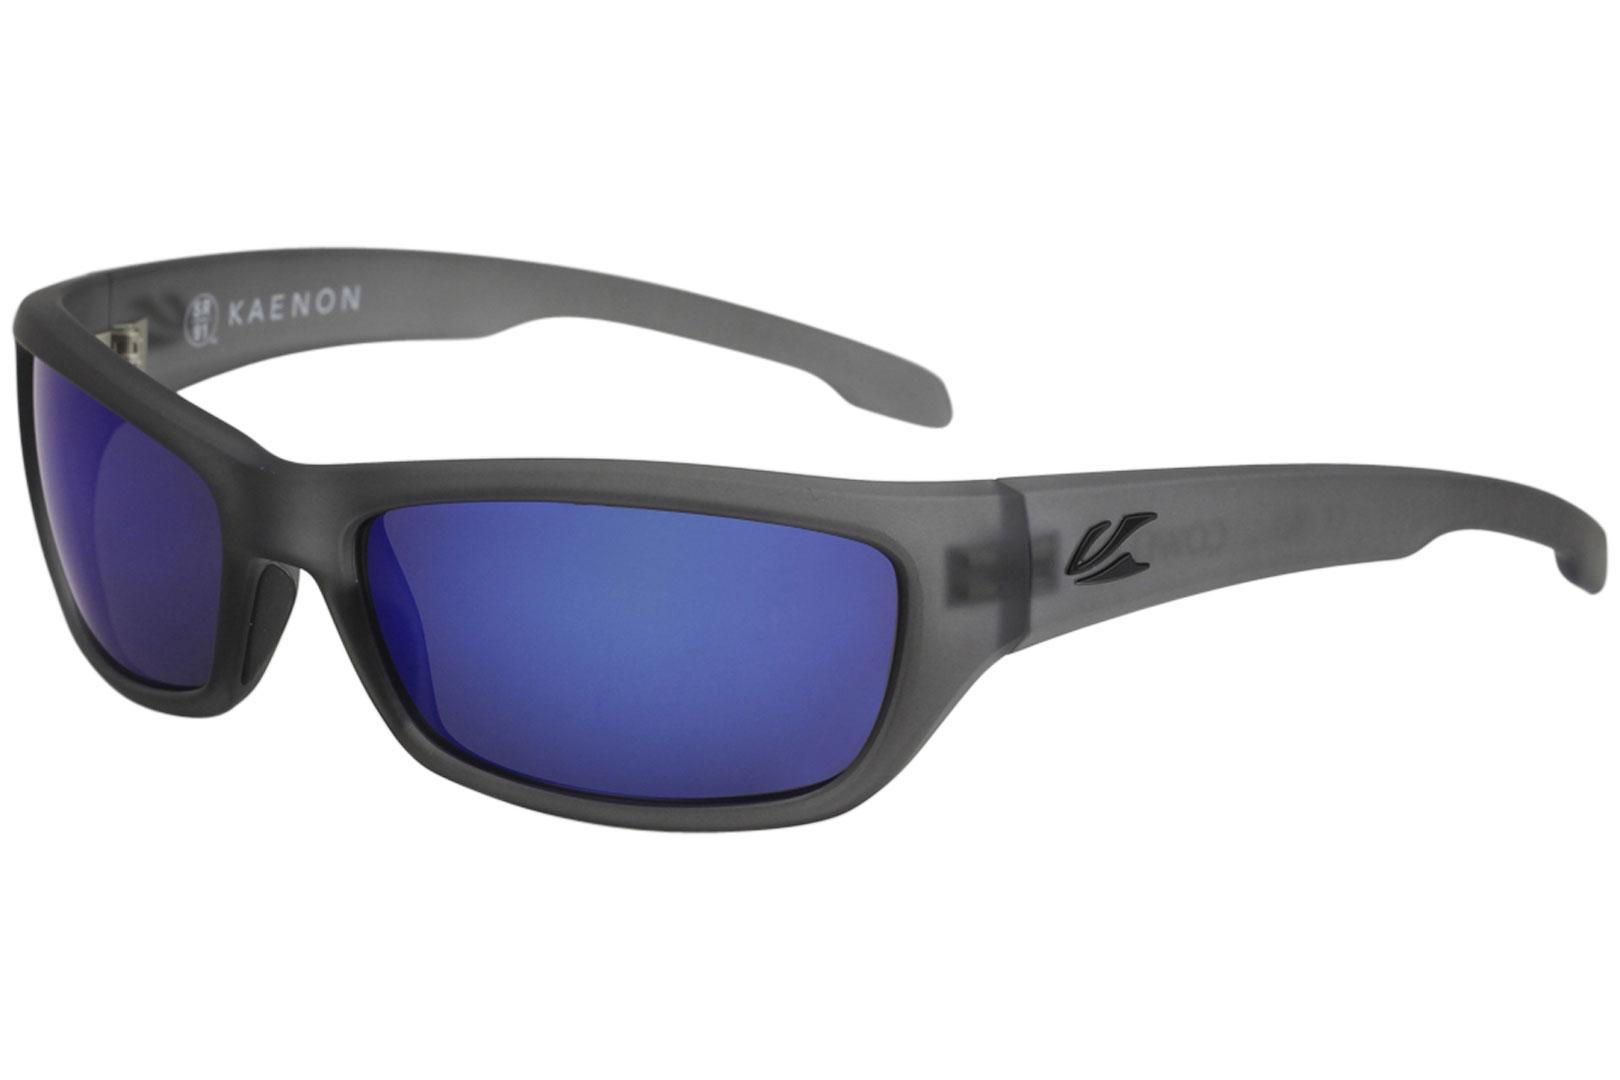 9aaf556a41 Kaenon Cowell Matte Carbon Grip Black Pacific Blue Mirror Polarized ...